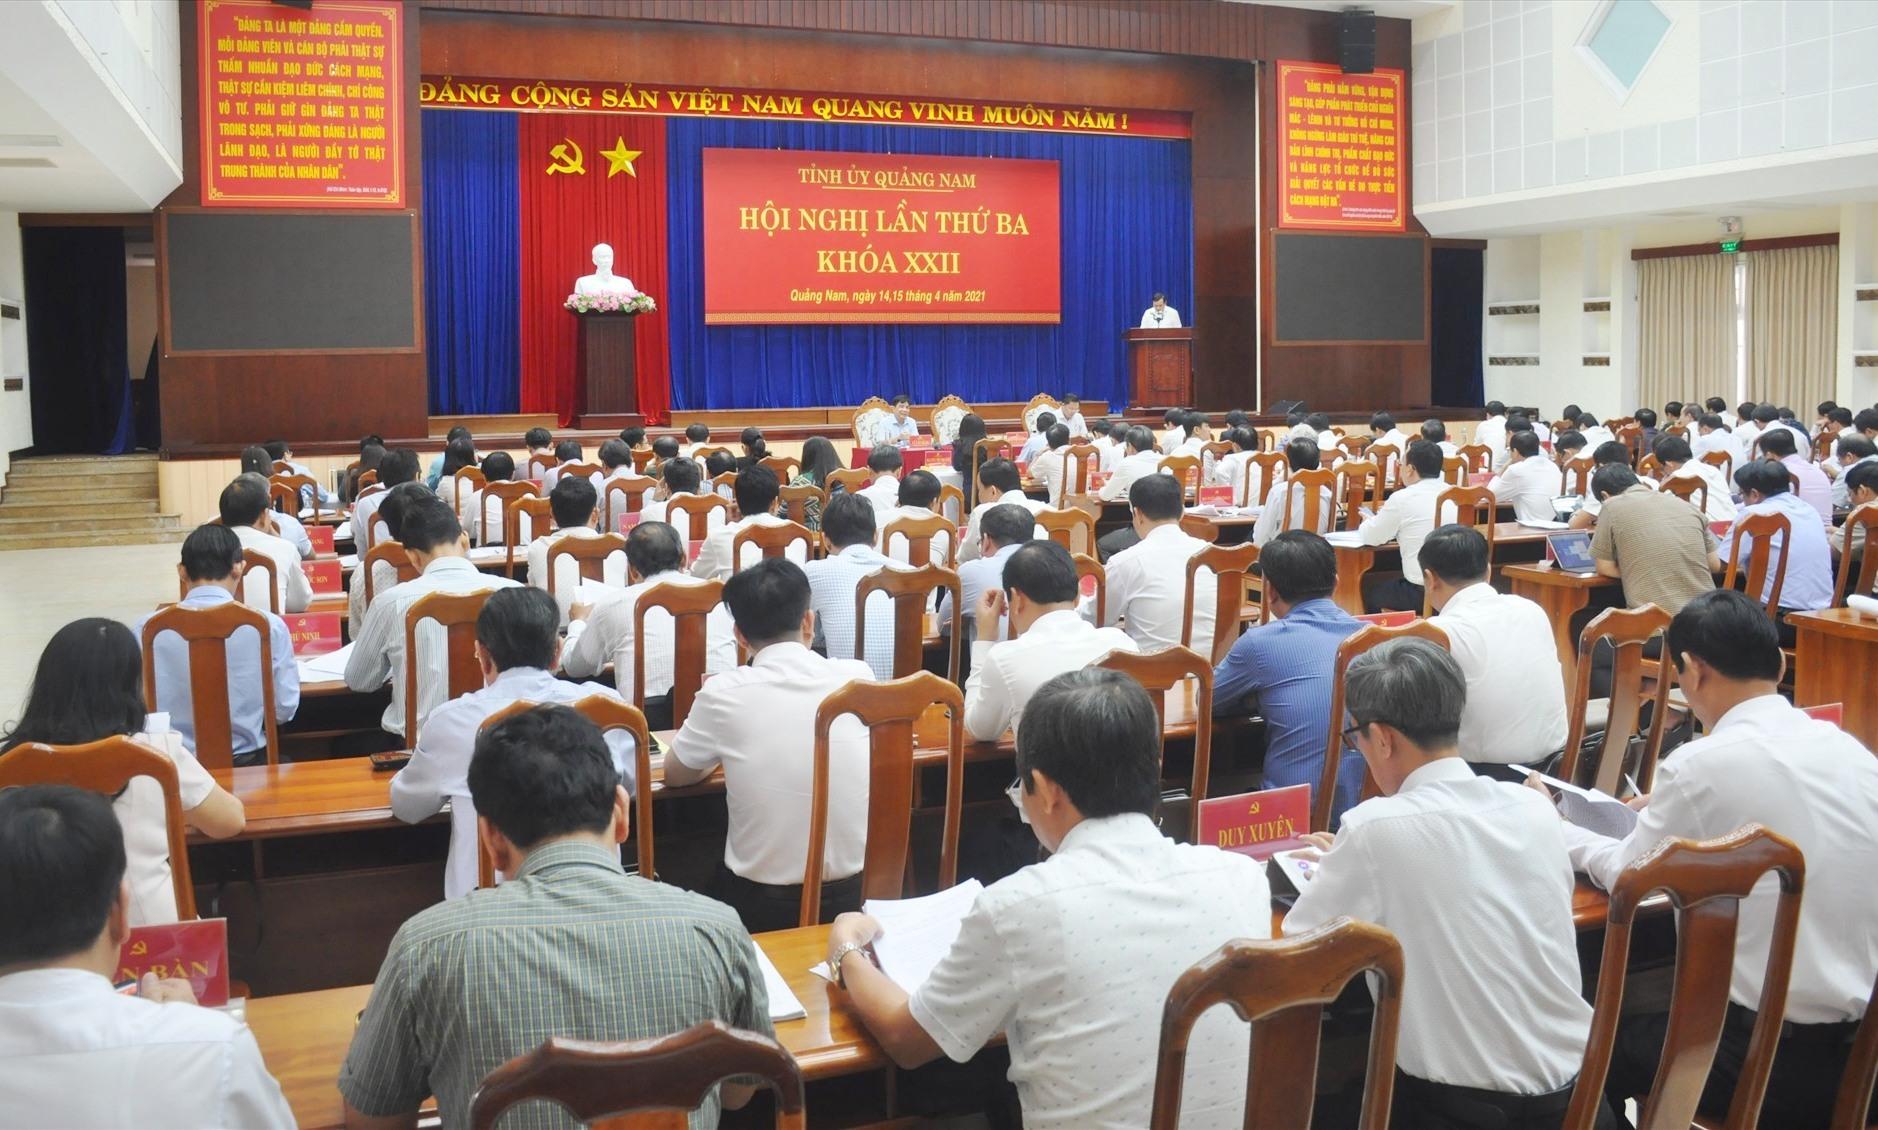 Quang cảnh Hội nghị Tỉnh ủy lần thứ 3 (khóa XXII) khai mạc sáng nay 14.4. Ảnh: N.Đ